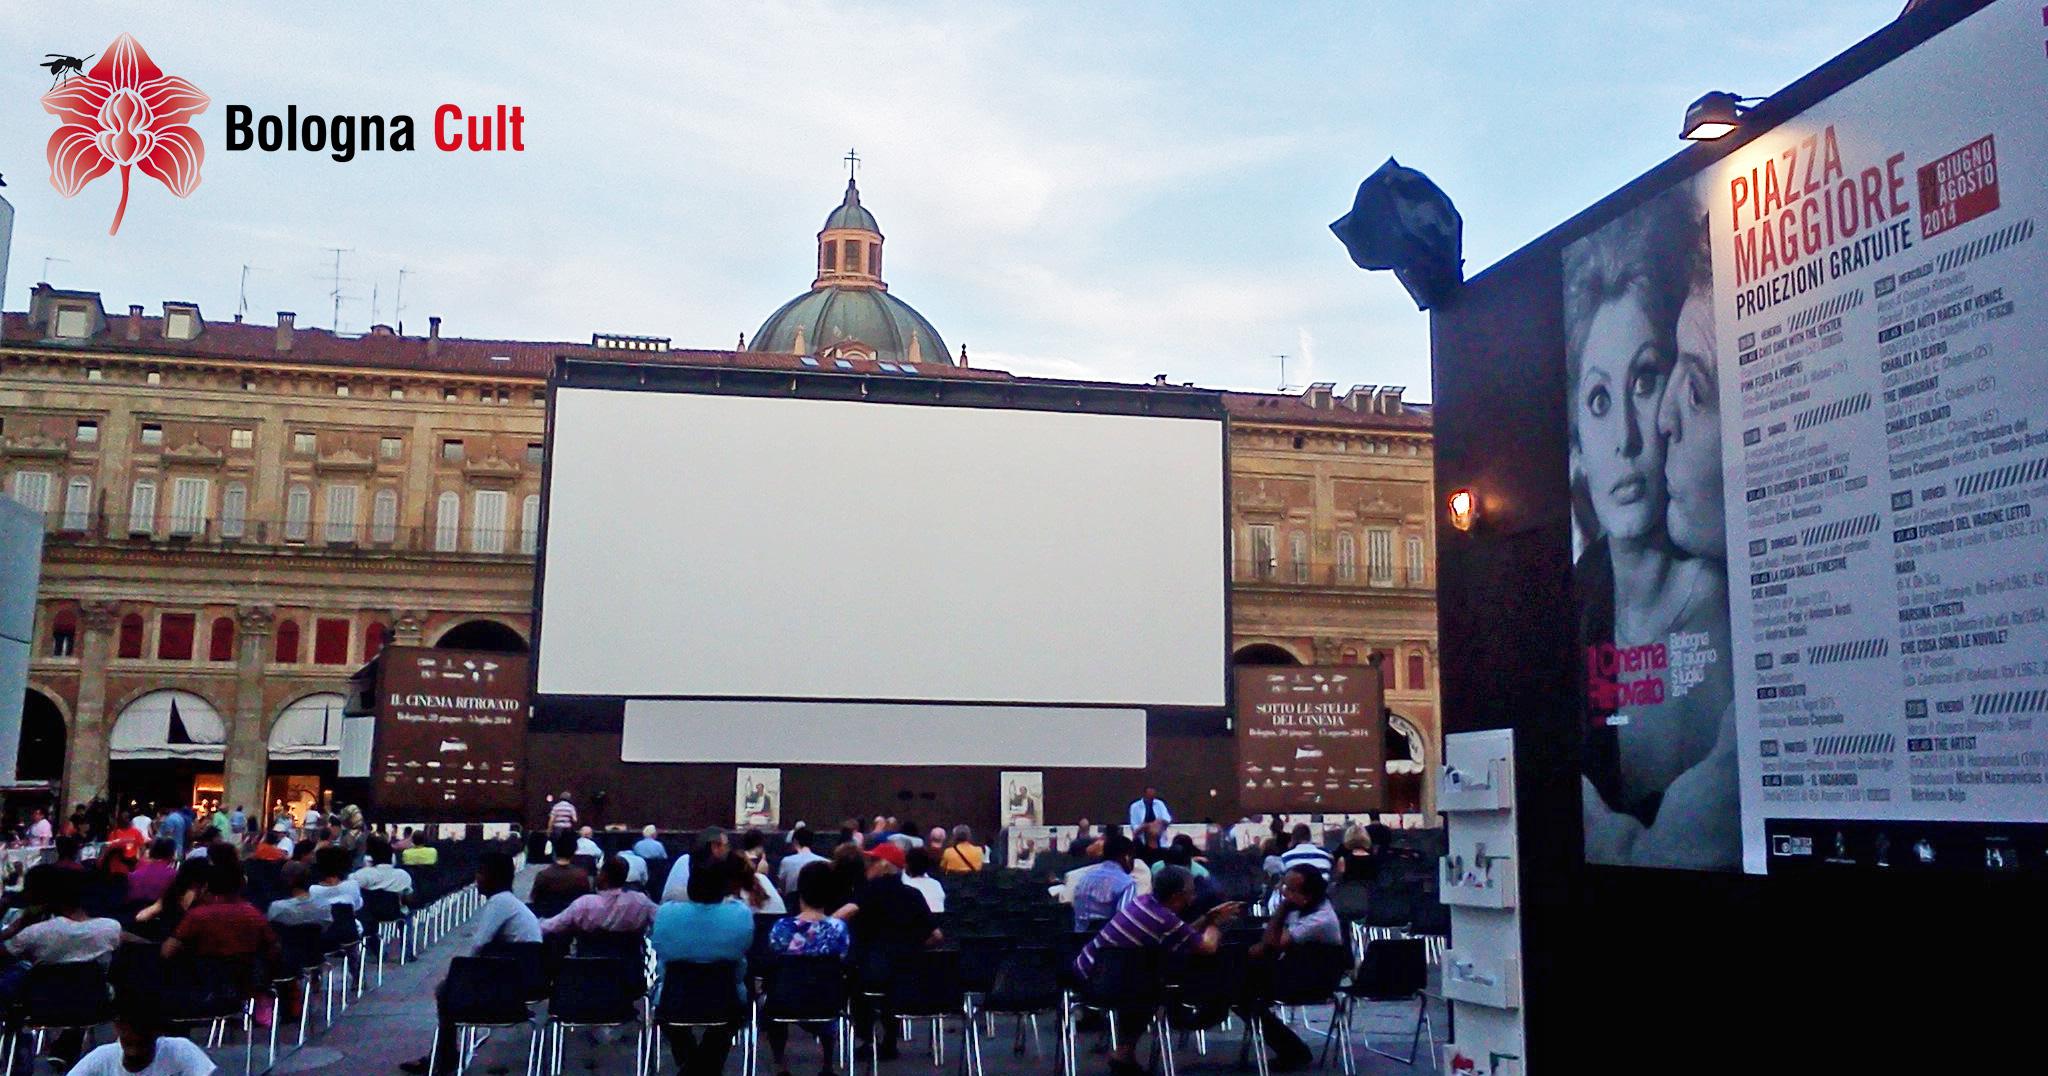 Si avvicina Bologna Estate: tutti gli eventi su BolognaCult.it!